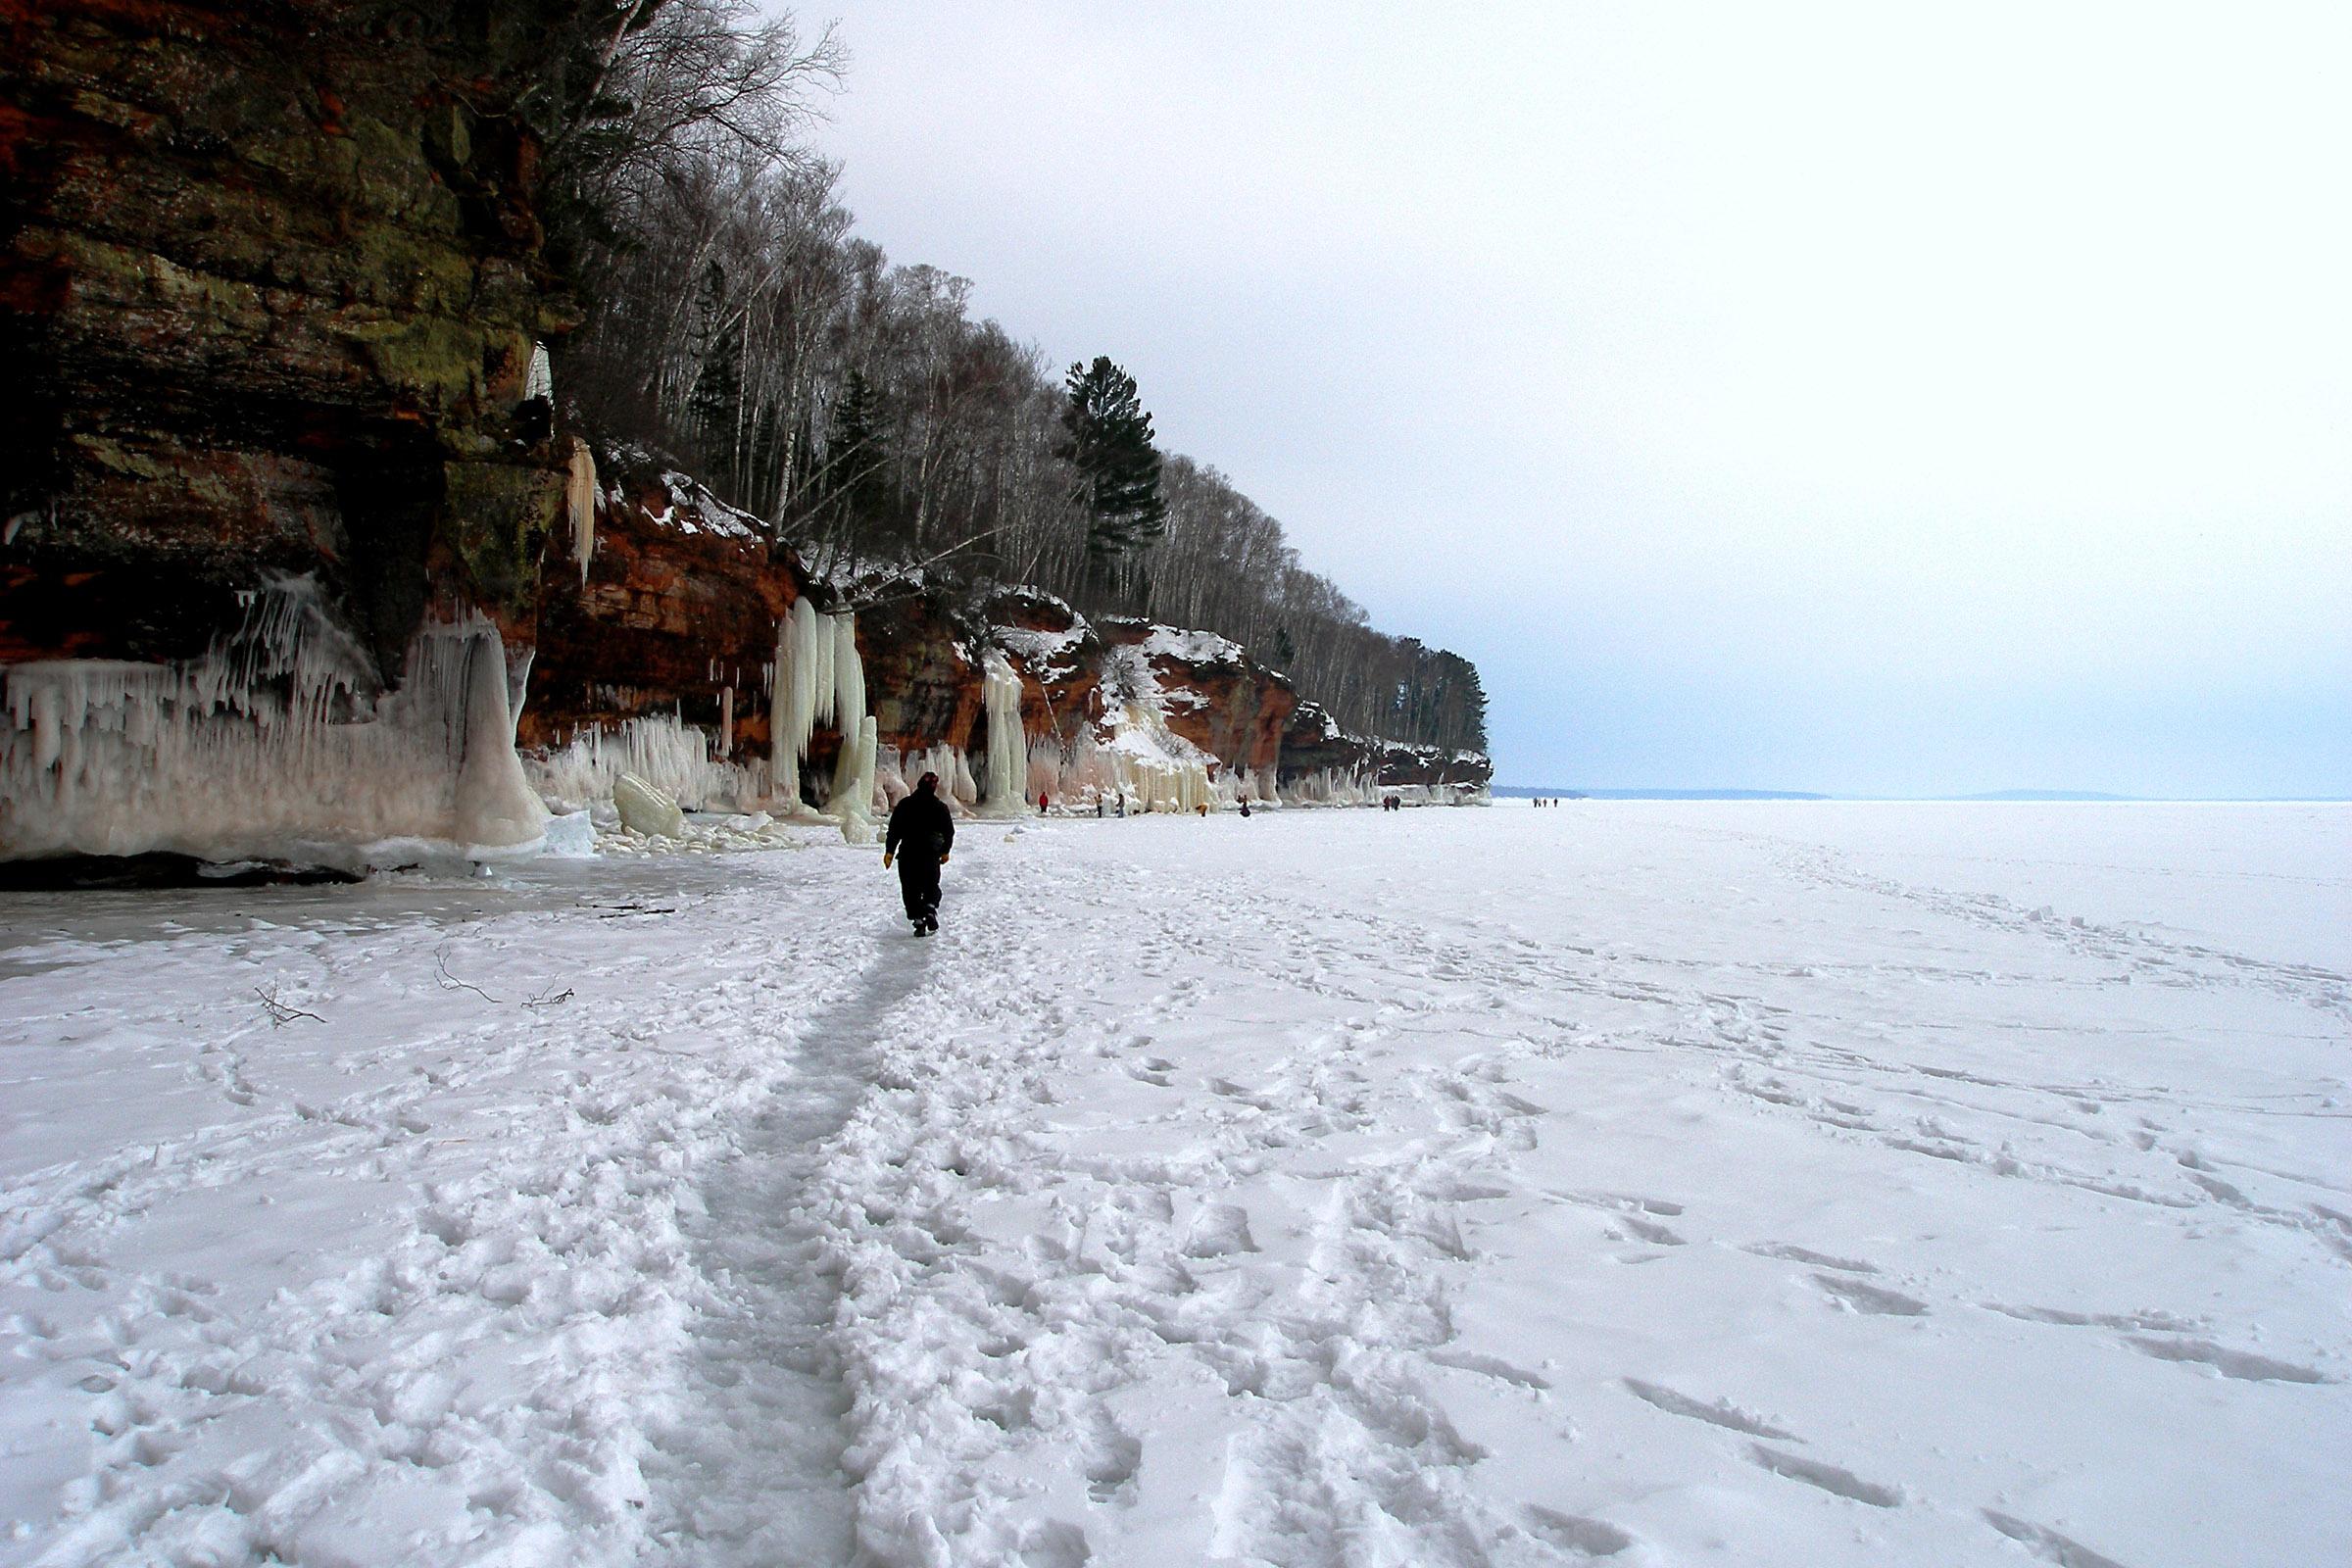 Durante el invierno, cuando el lago se congela, las cuevas se convierten en un espectáculo digno de contemplar, y los visitantes pueden caminar desde la orilla.